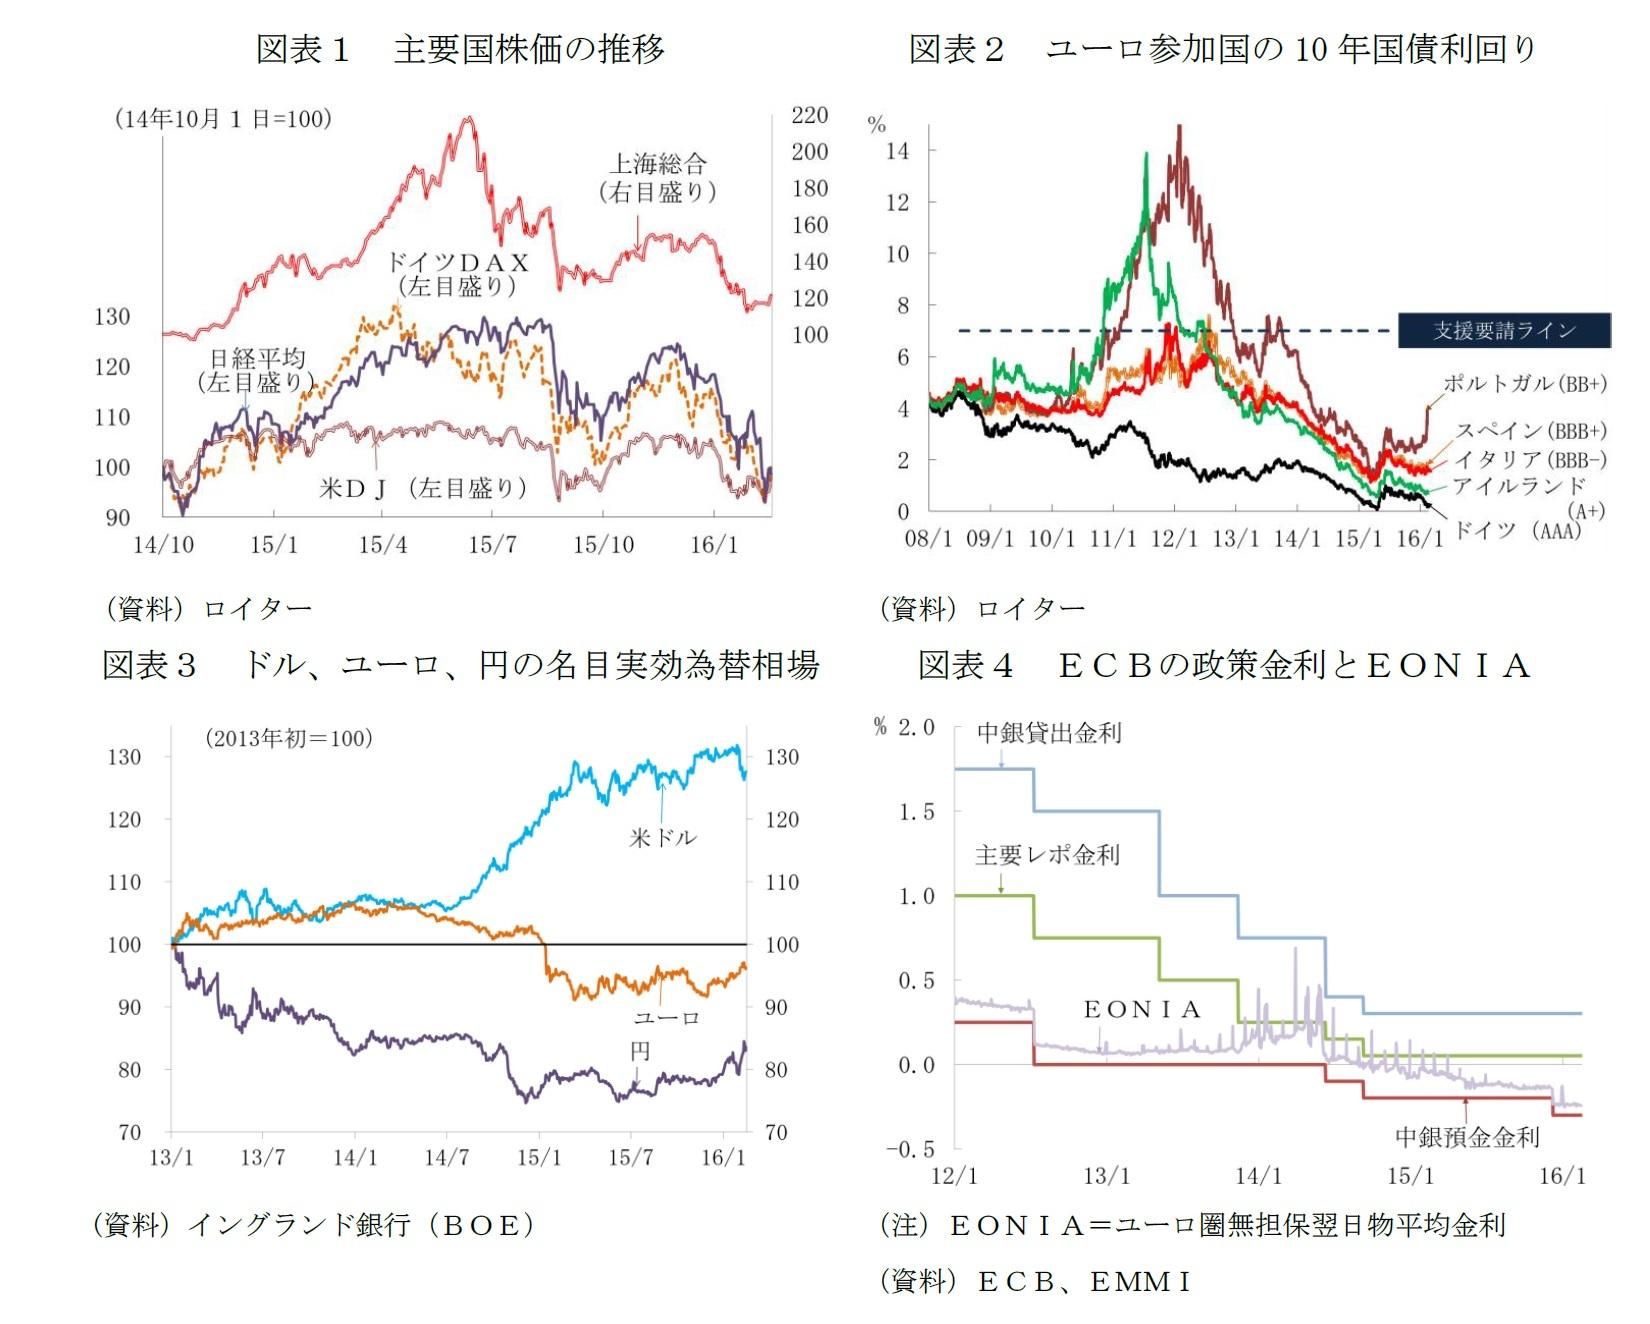 図表1 主要国株価の推移/図表2 ユーロ参加国の10年国債利回り/図表3 ドル、ユーロ、円の名目実効為替相場/図表4 ECBの政策金利とEONIA